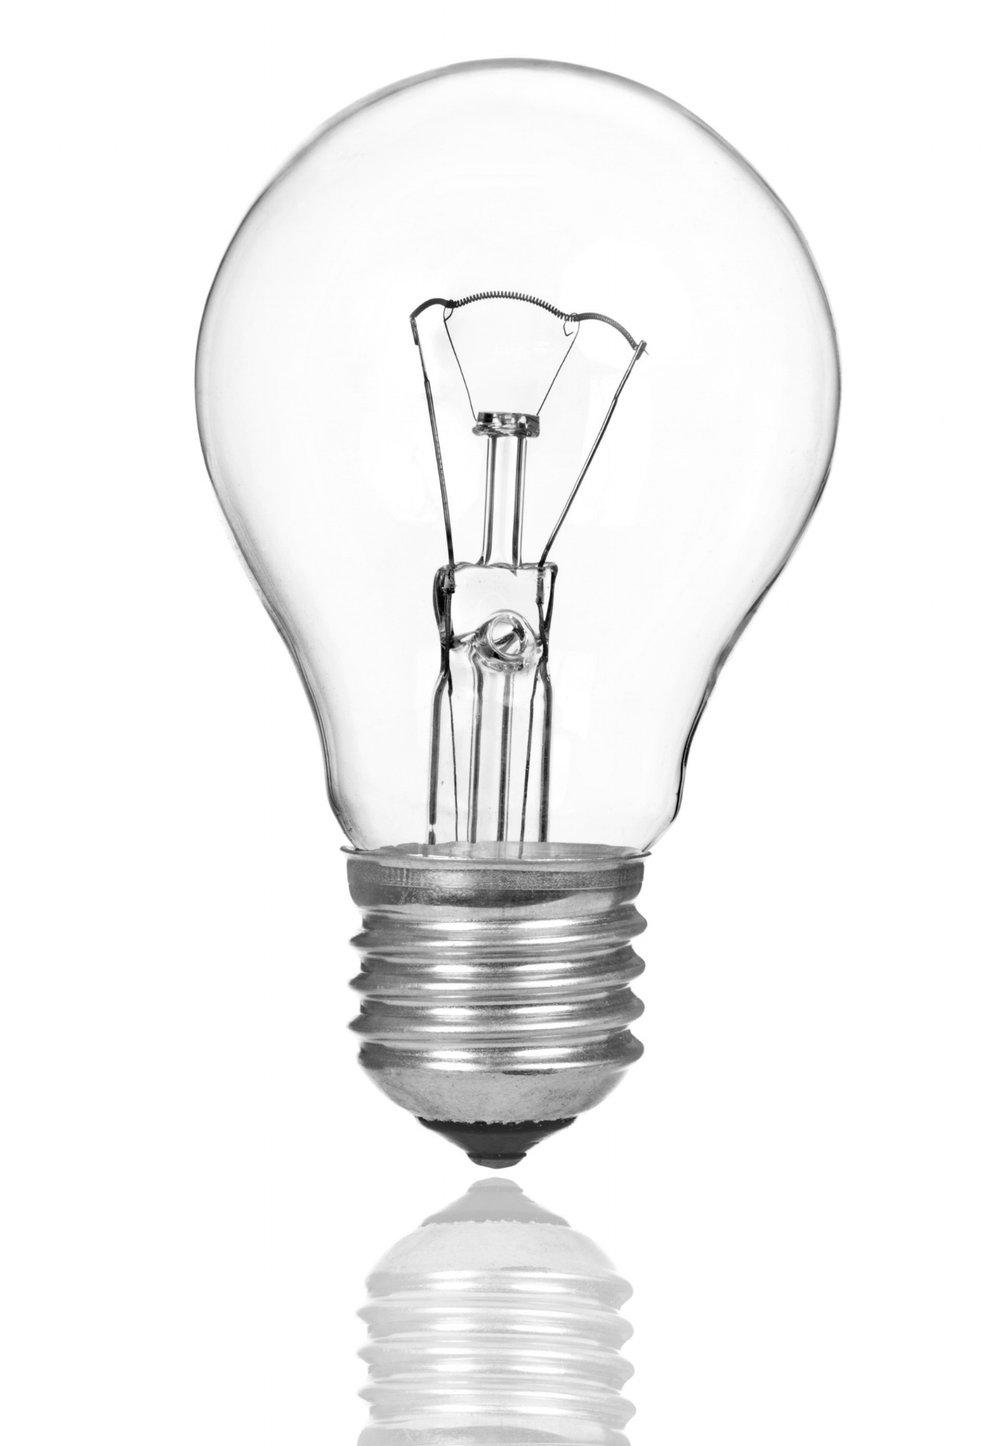 shutterstock_117858688_light bulb_bw.jpg